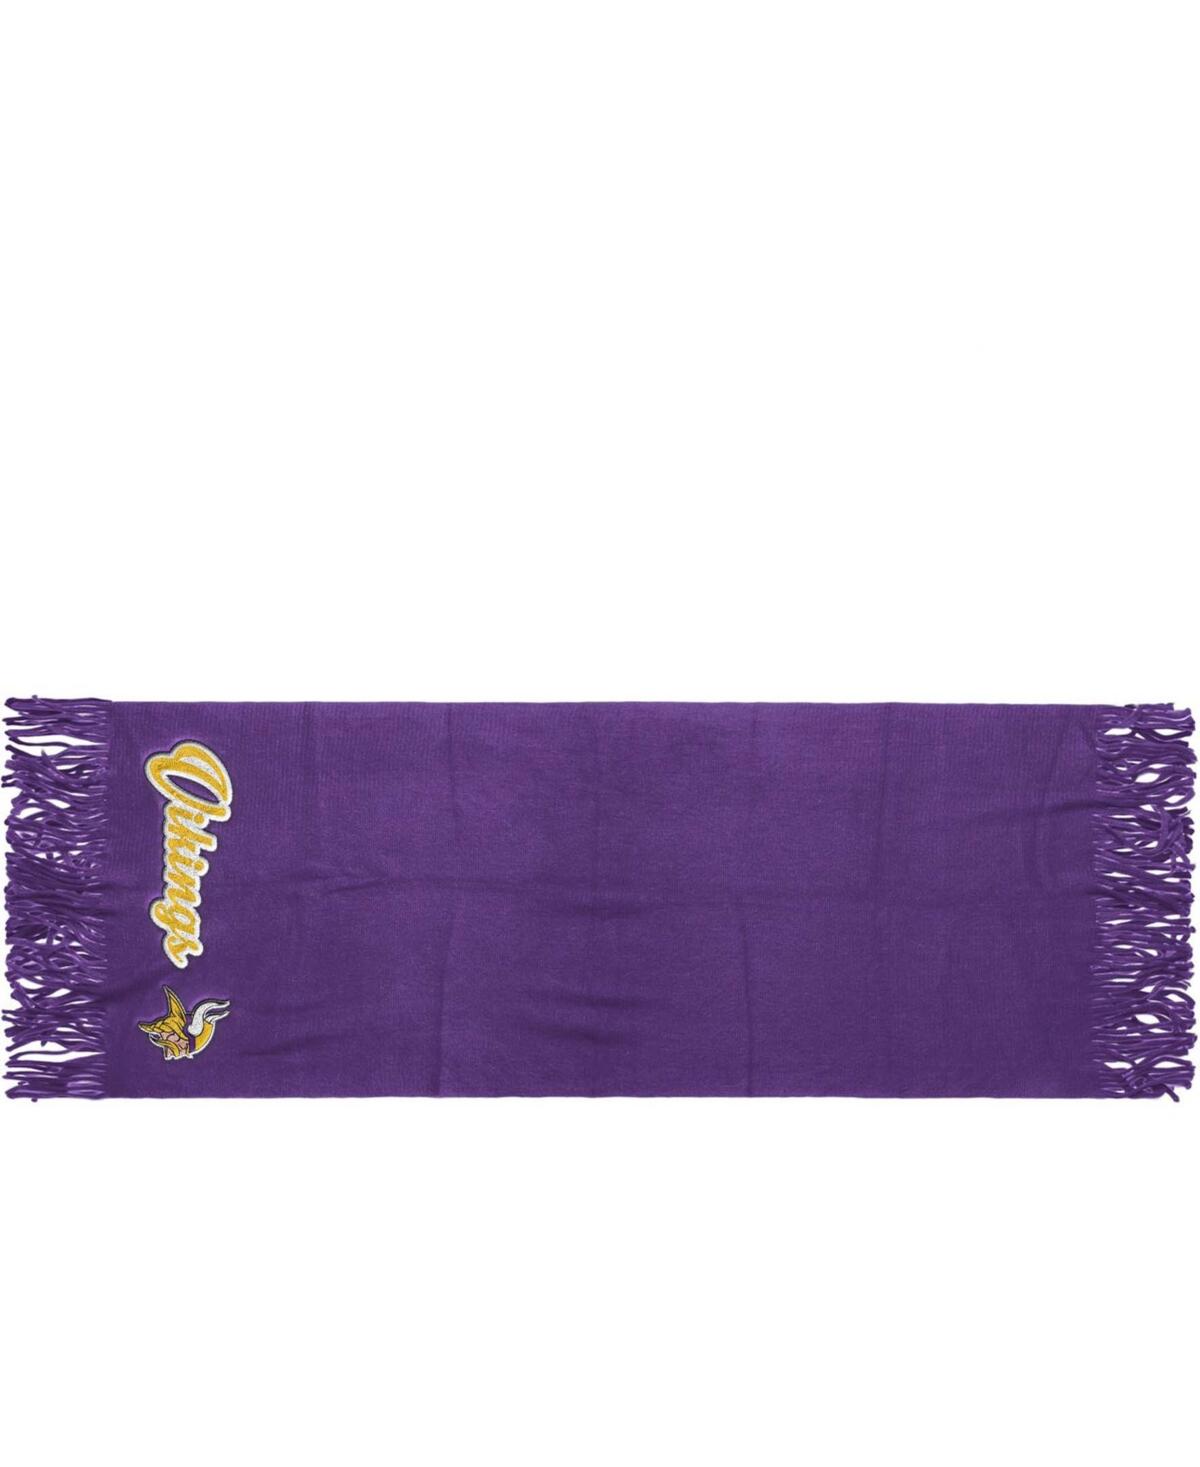 Minnesota Vikings 81 x 27 Oversized Fringed Scarf